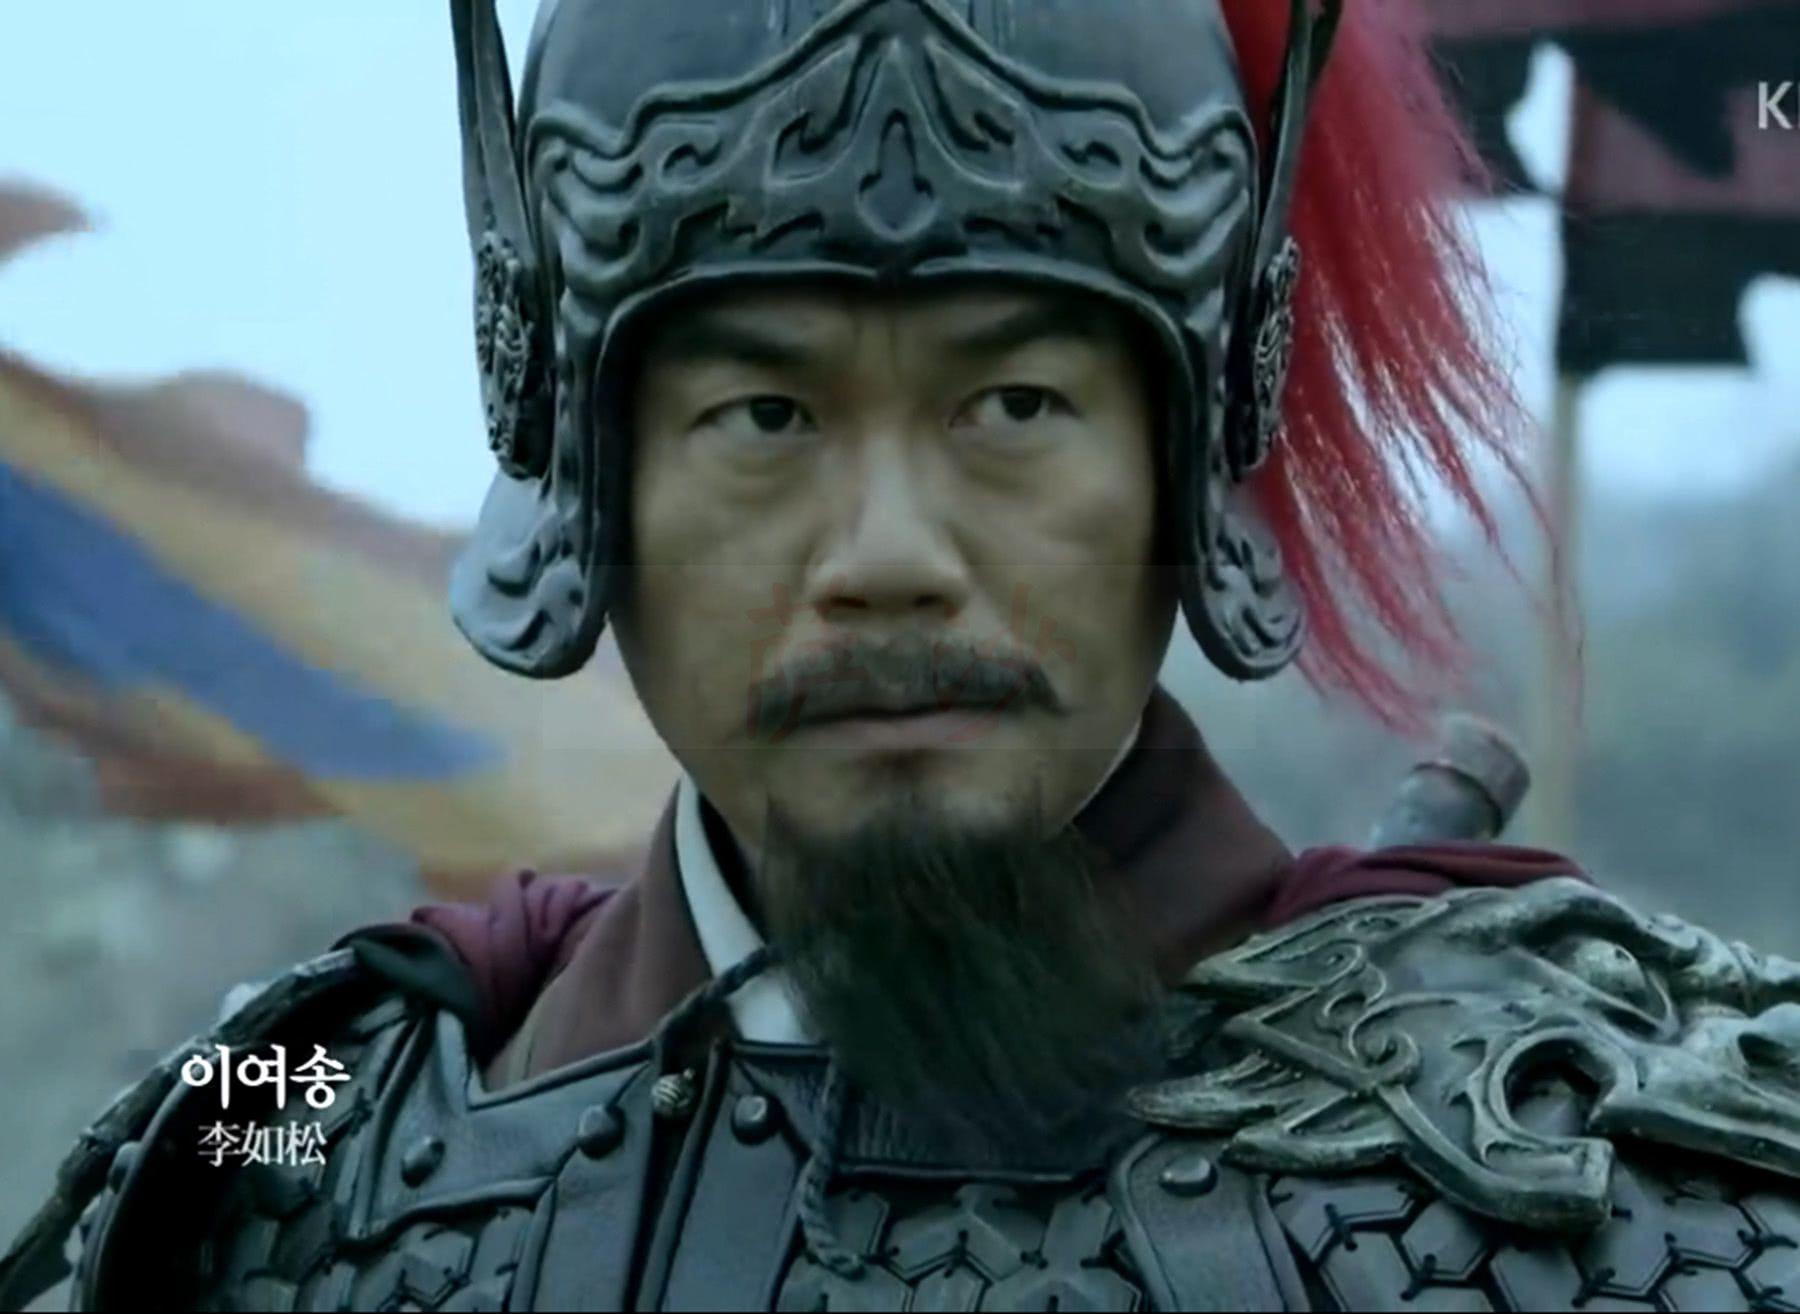 吴惟忠 让日寇发抖的大明悍将:李如松3万铁骑在朝鲜击溃20万日军